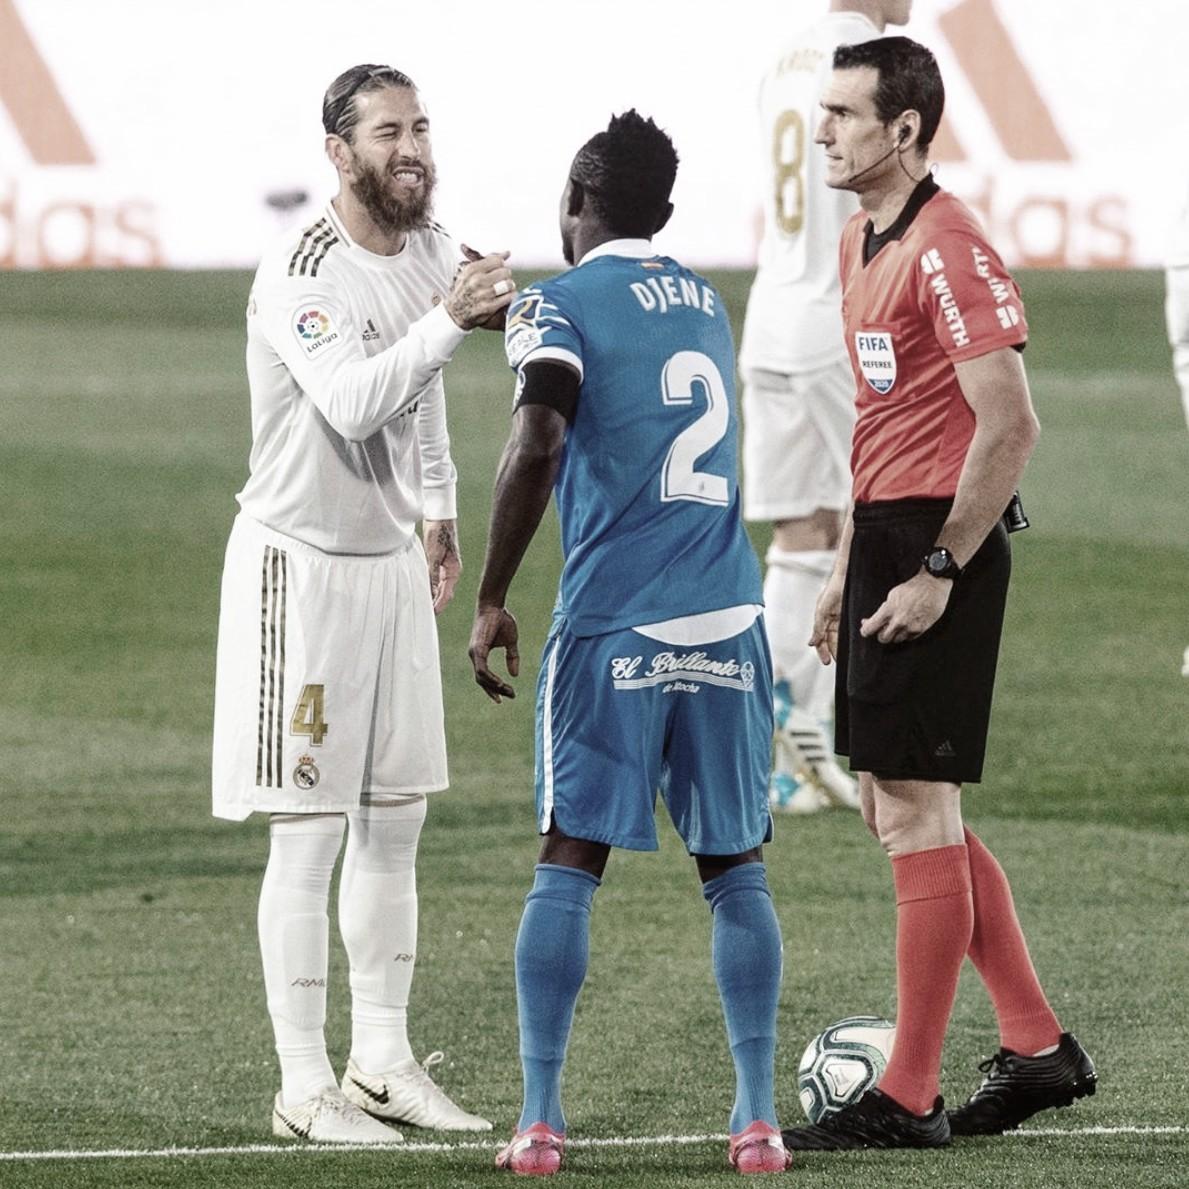 El Real Madrid encadena seis victorias consecutivas, algo que no hacía desde hace tres temporadas